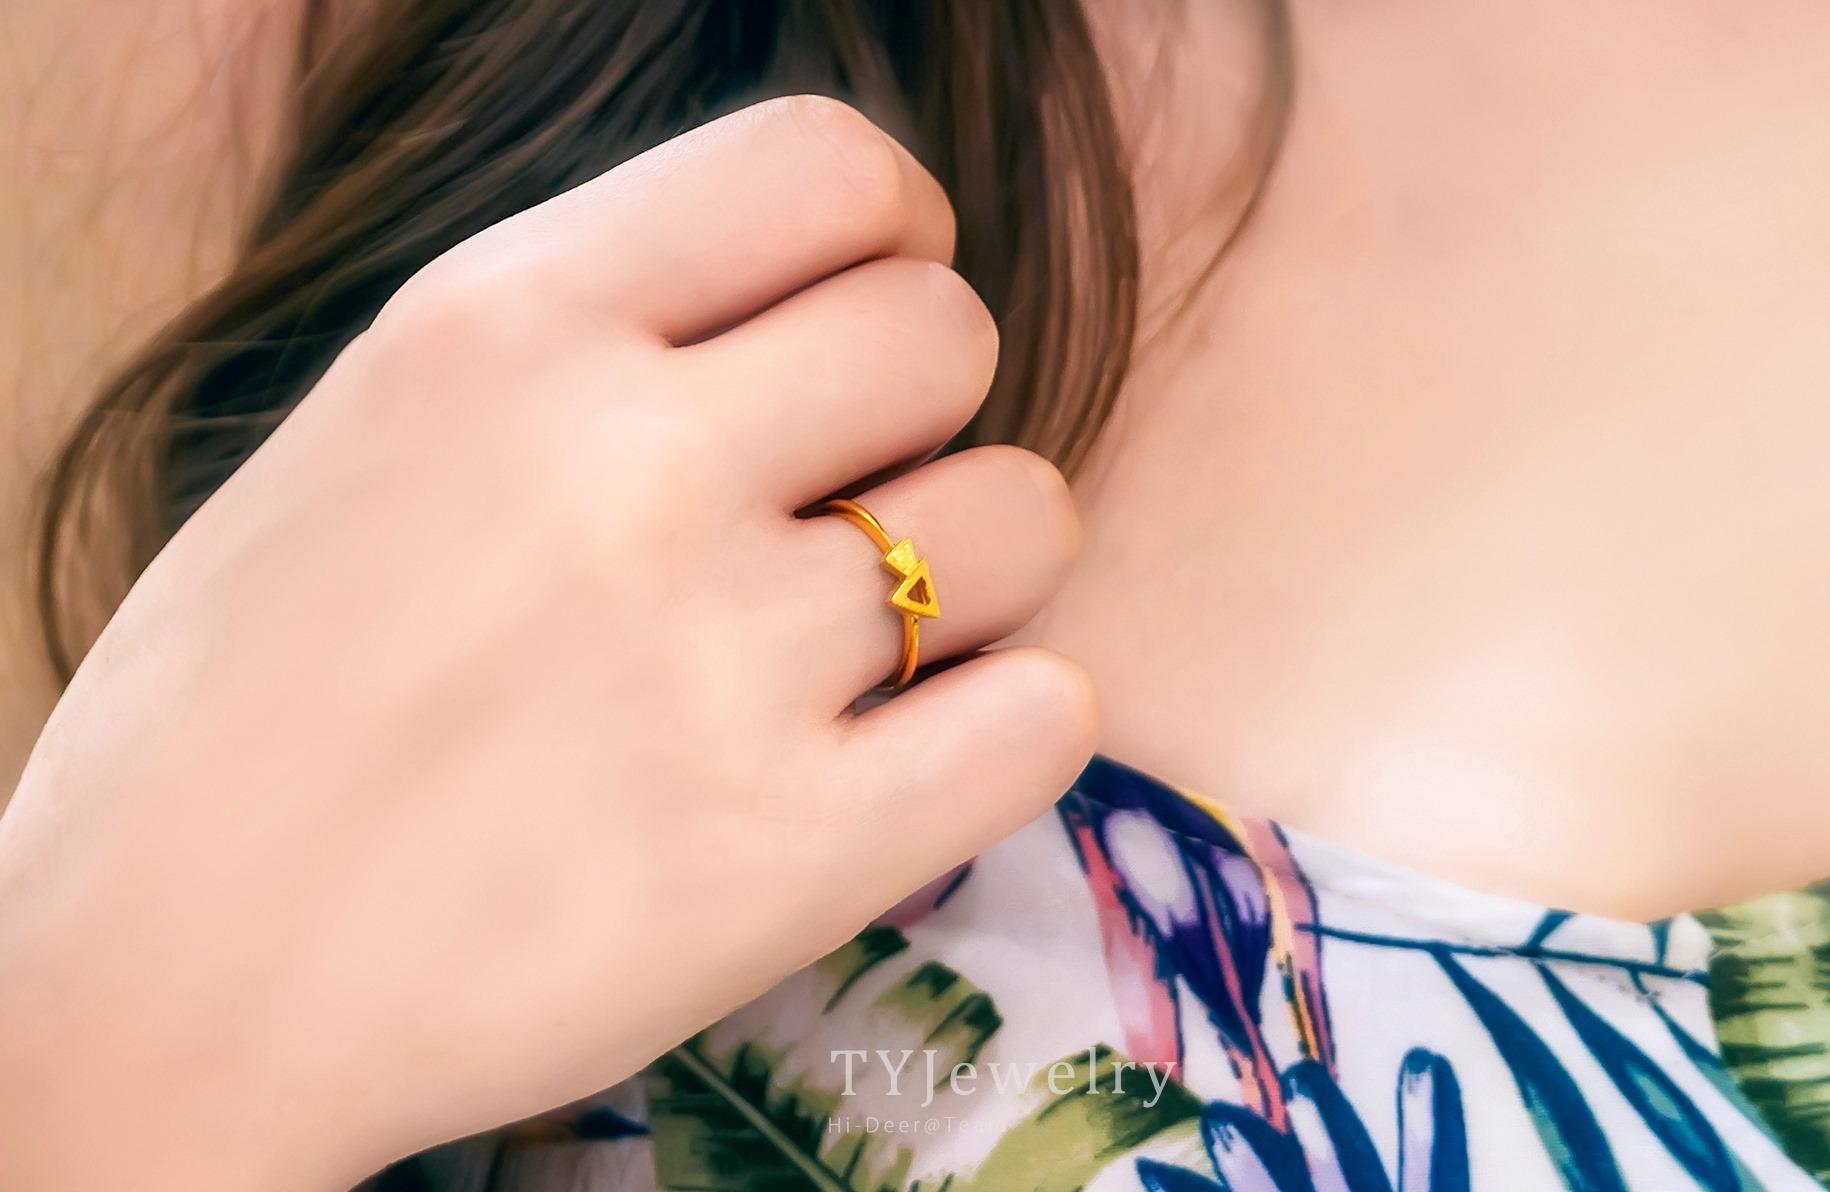 - 天瑩-GIA鑽石婚戒黃金 作品瀏覽